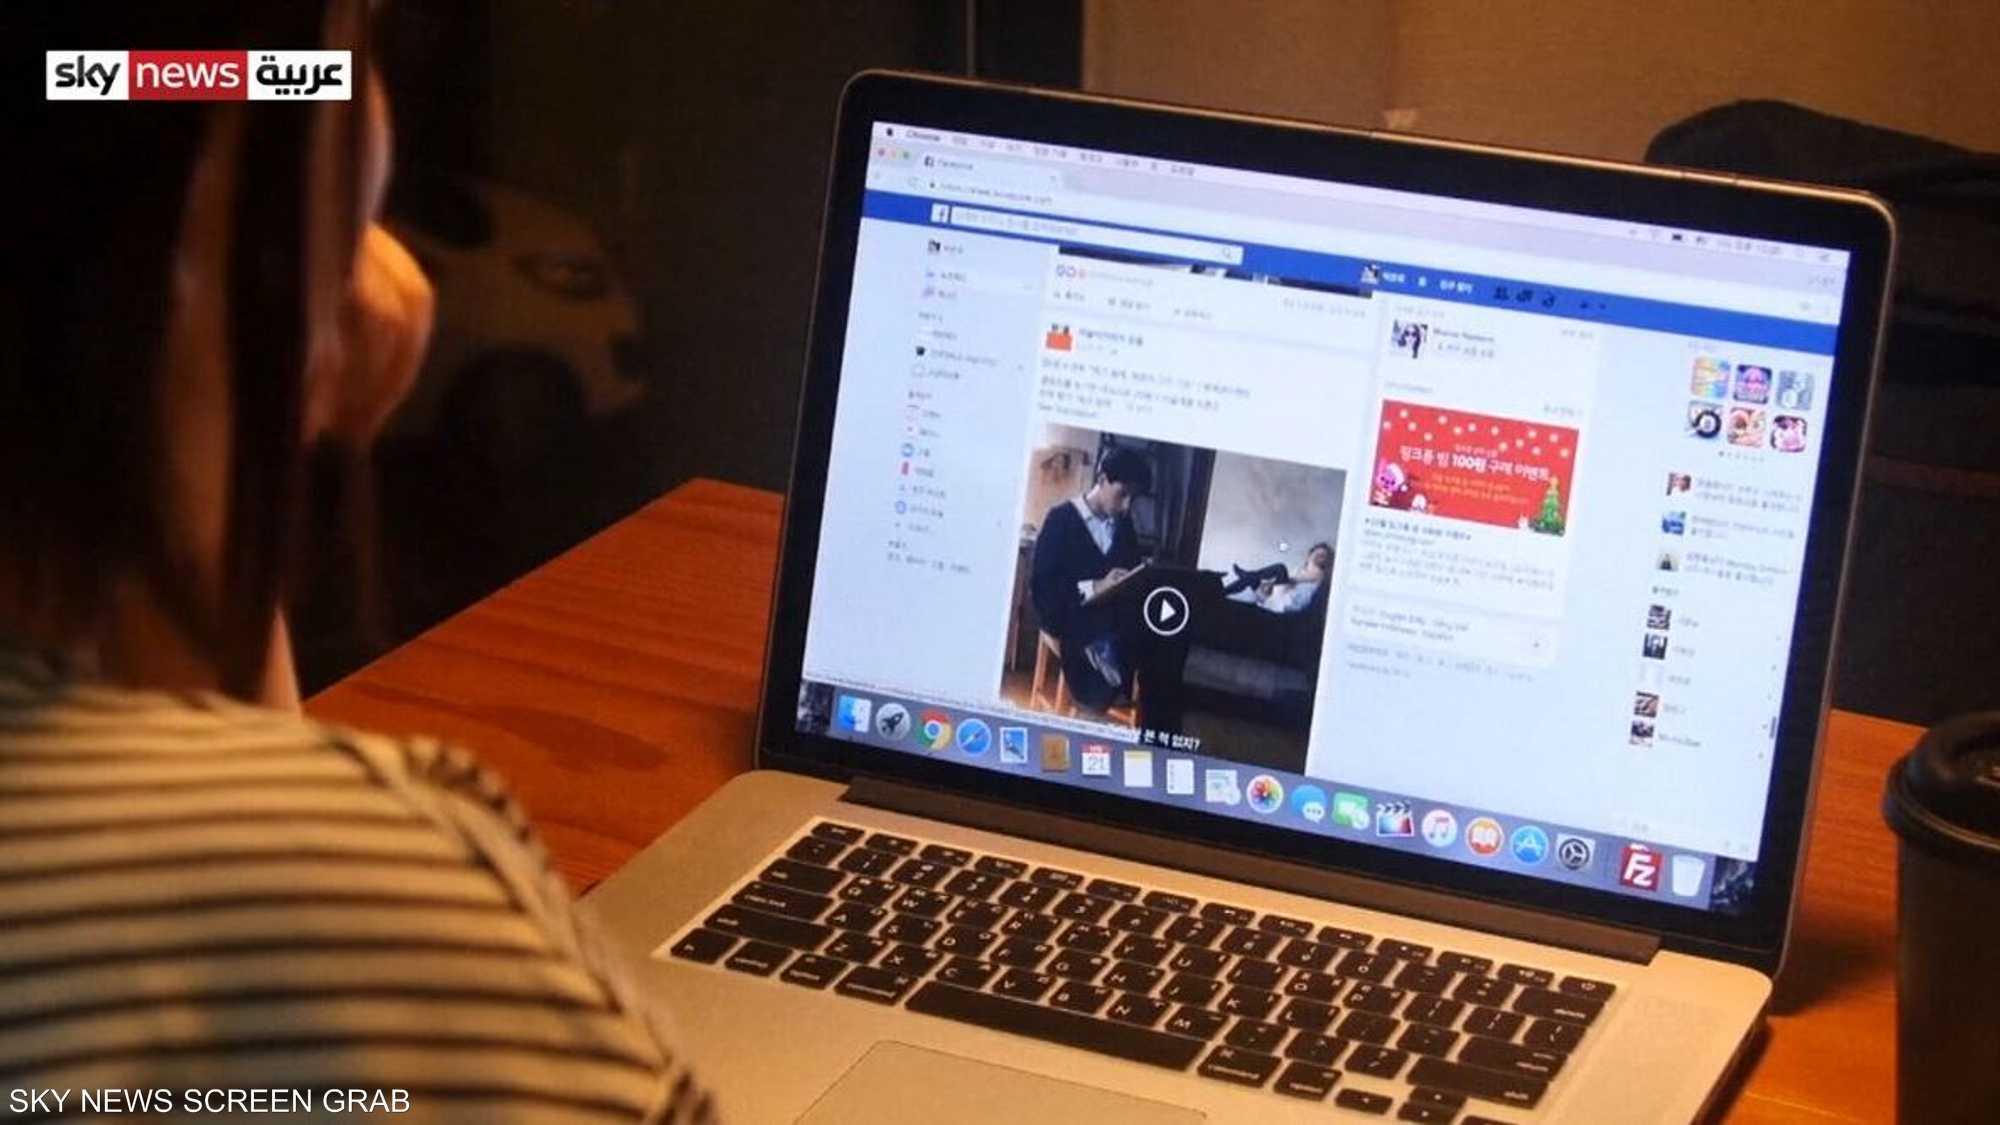 كليك تيفيزم: اقتصار المسؤولية الاجتماعية على الإنترنت